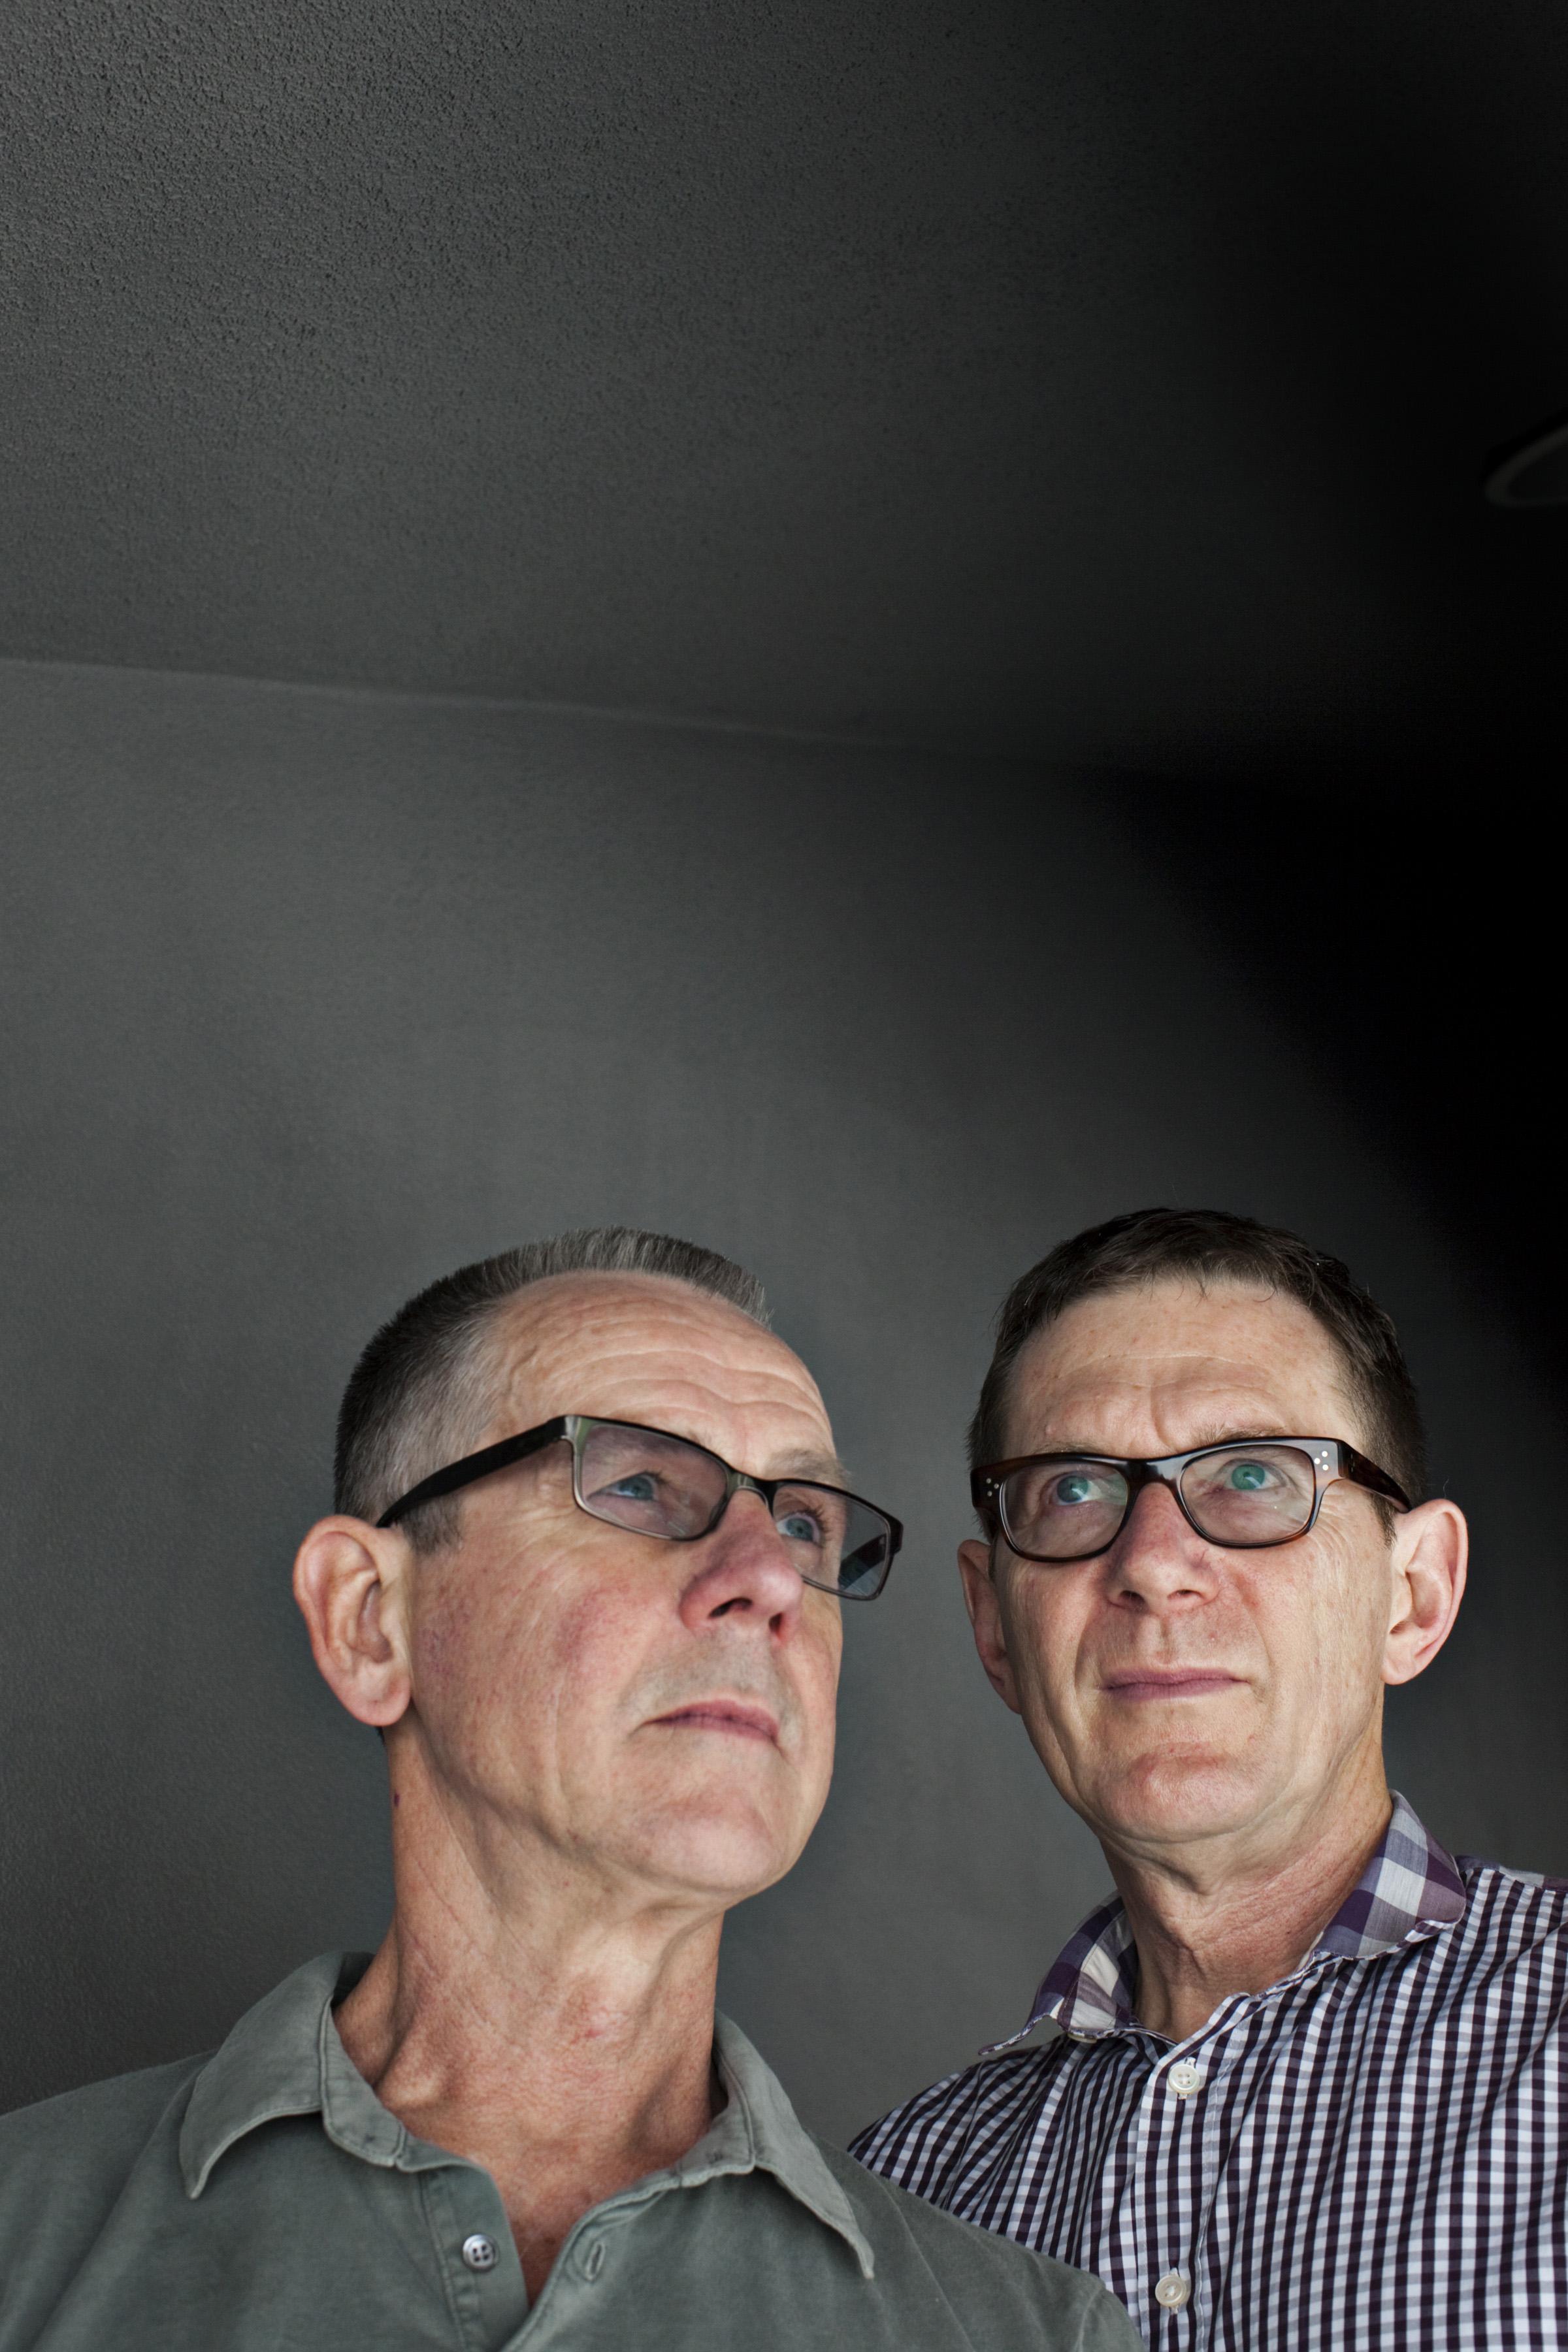 Adrian Kohler and Basil Jones - Puppet Makers